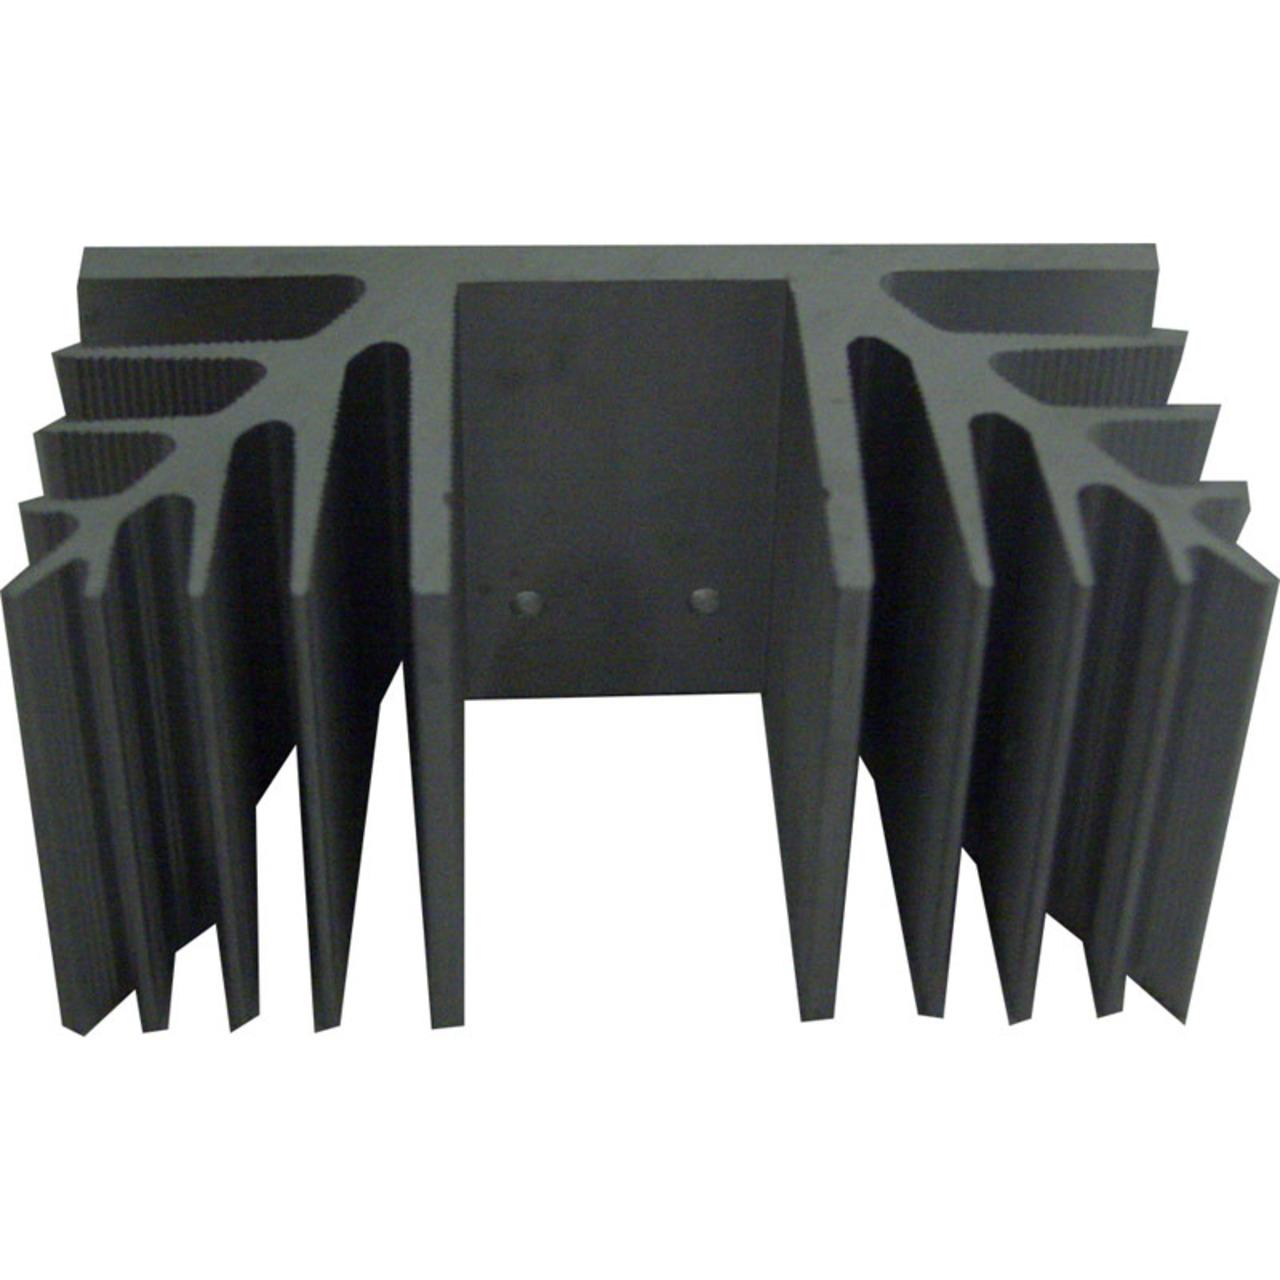 Kühlkörper SK88 (gebohrt)- 1-4 K-W